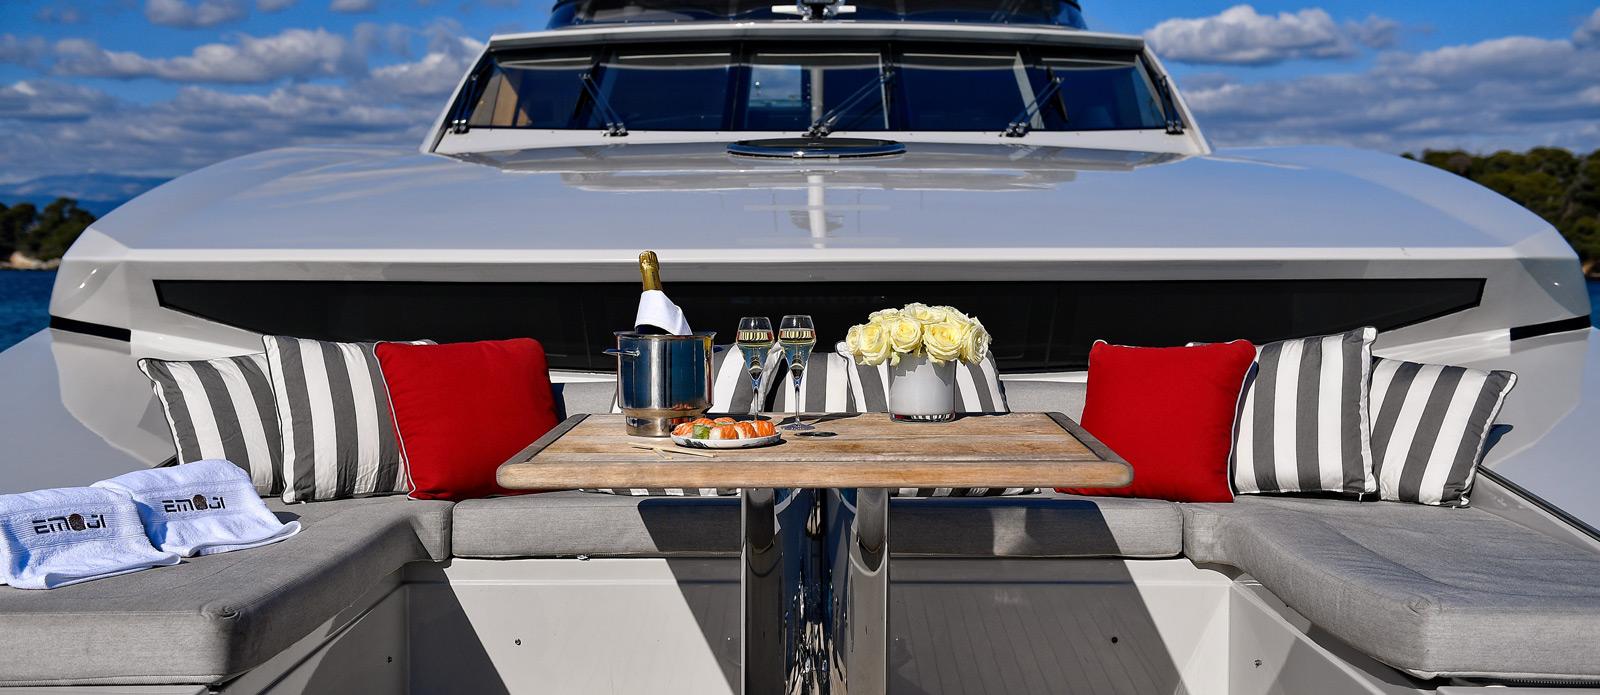 Sunseeker-34-Metre-Yacht---Emoji---Bow-Seating-2